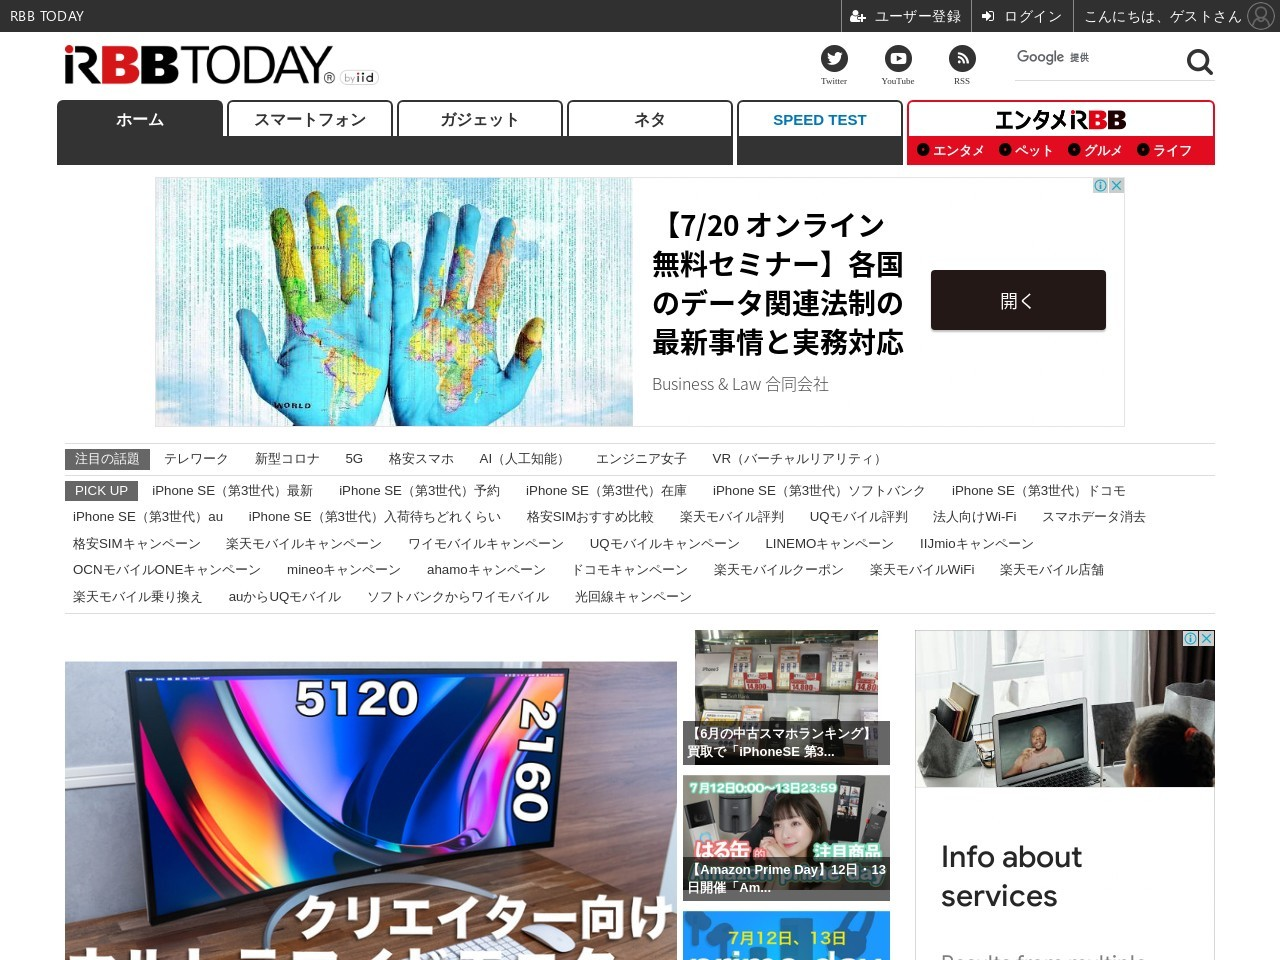 石原さとみ・池田エライザ写真集、オリコンBOOKランキングトップ10に3作同時ランクイン